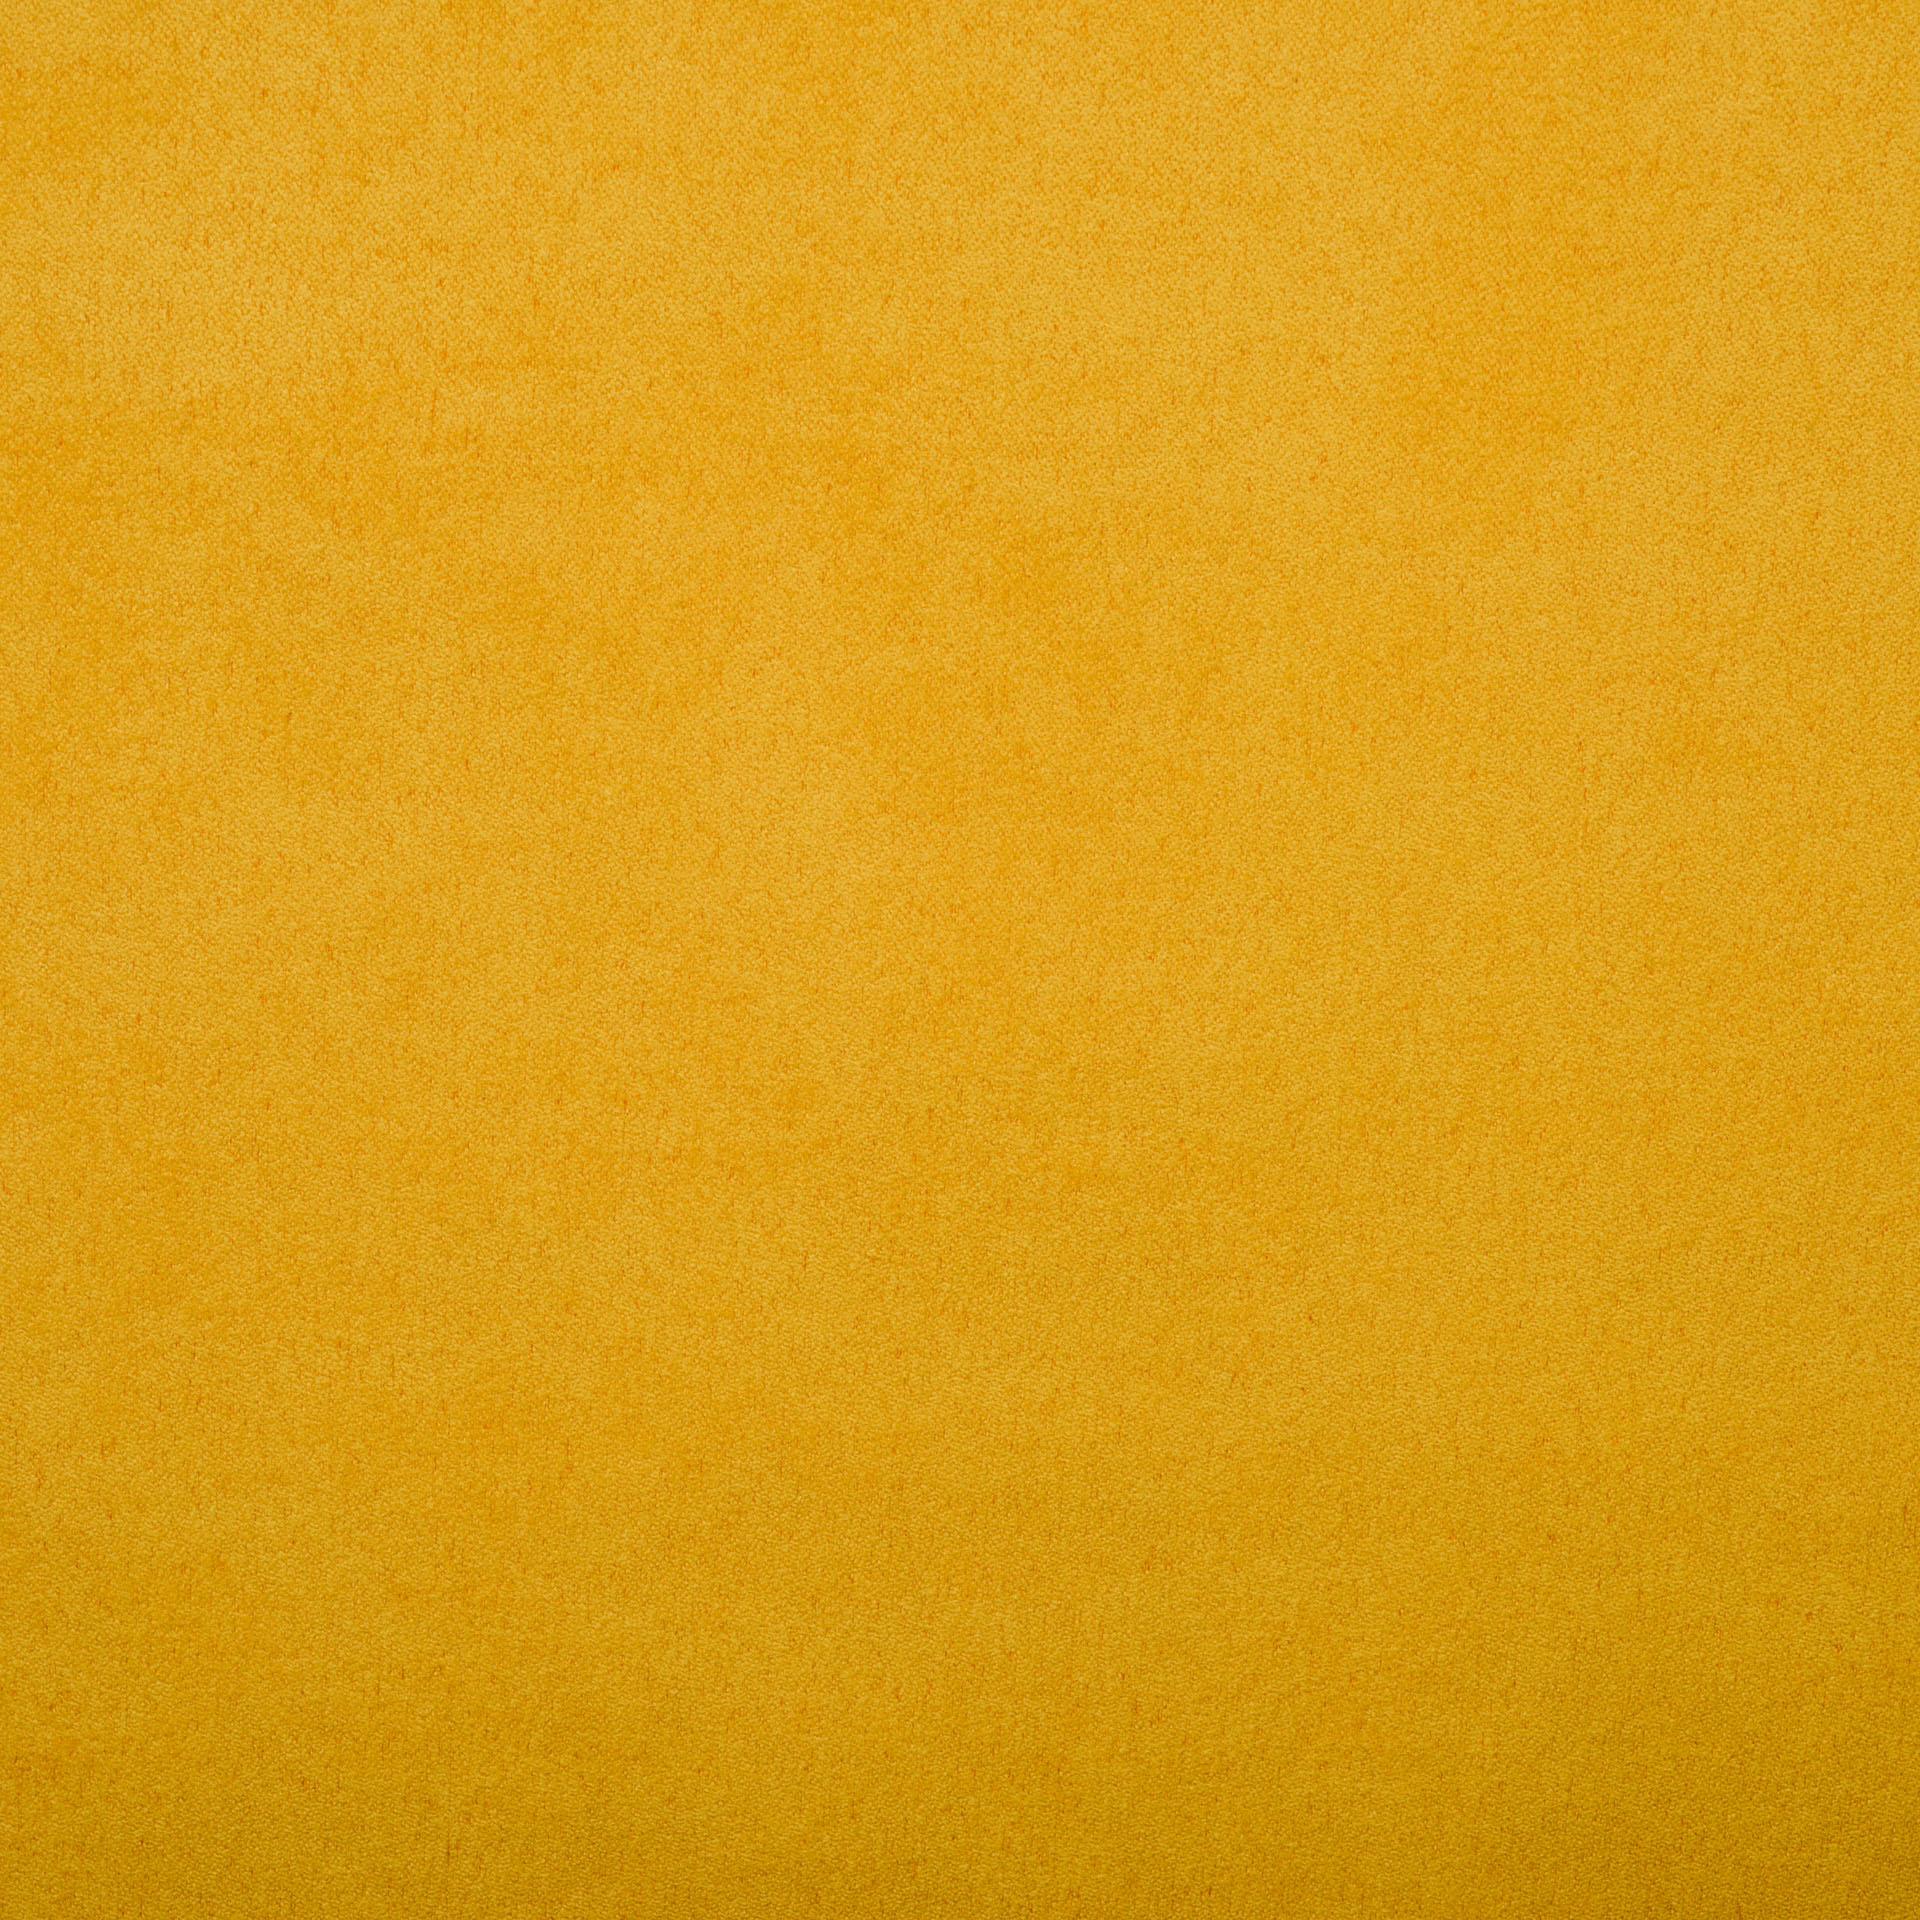 Коллекция ткани Бонд YELLOW 08,  купить ткань Велюр для мебели Украина